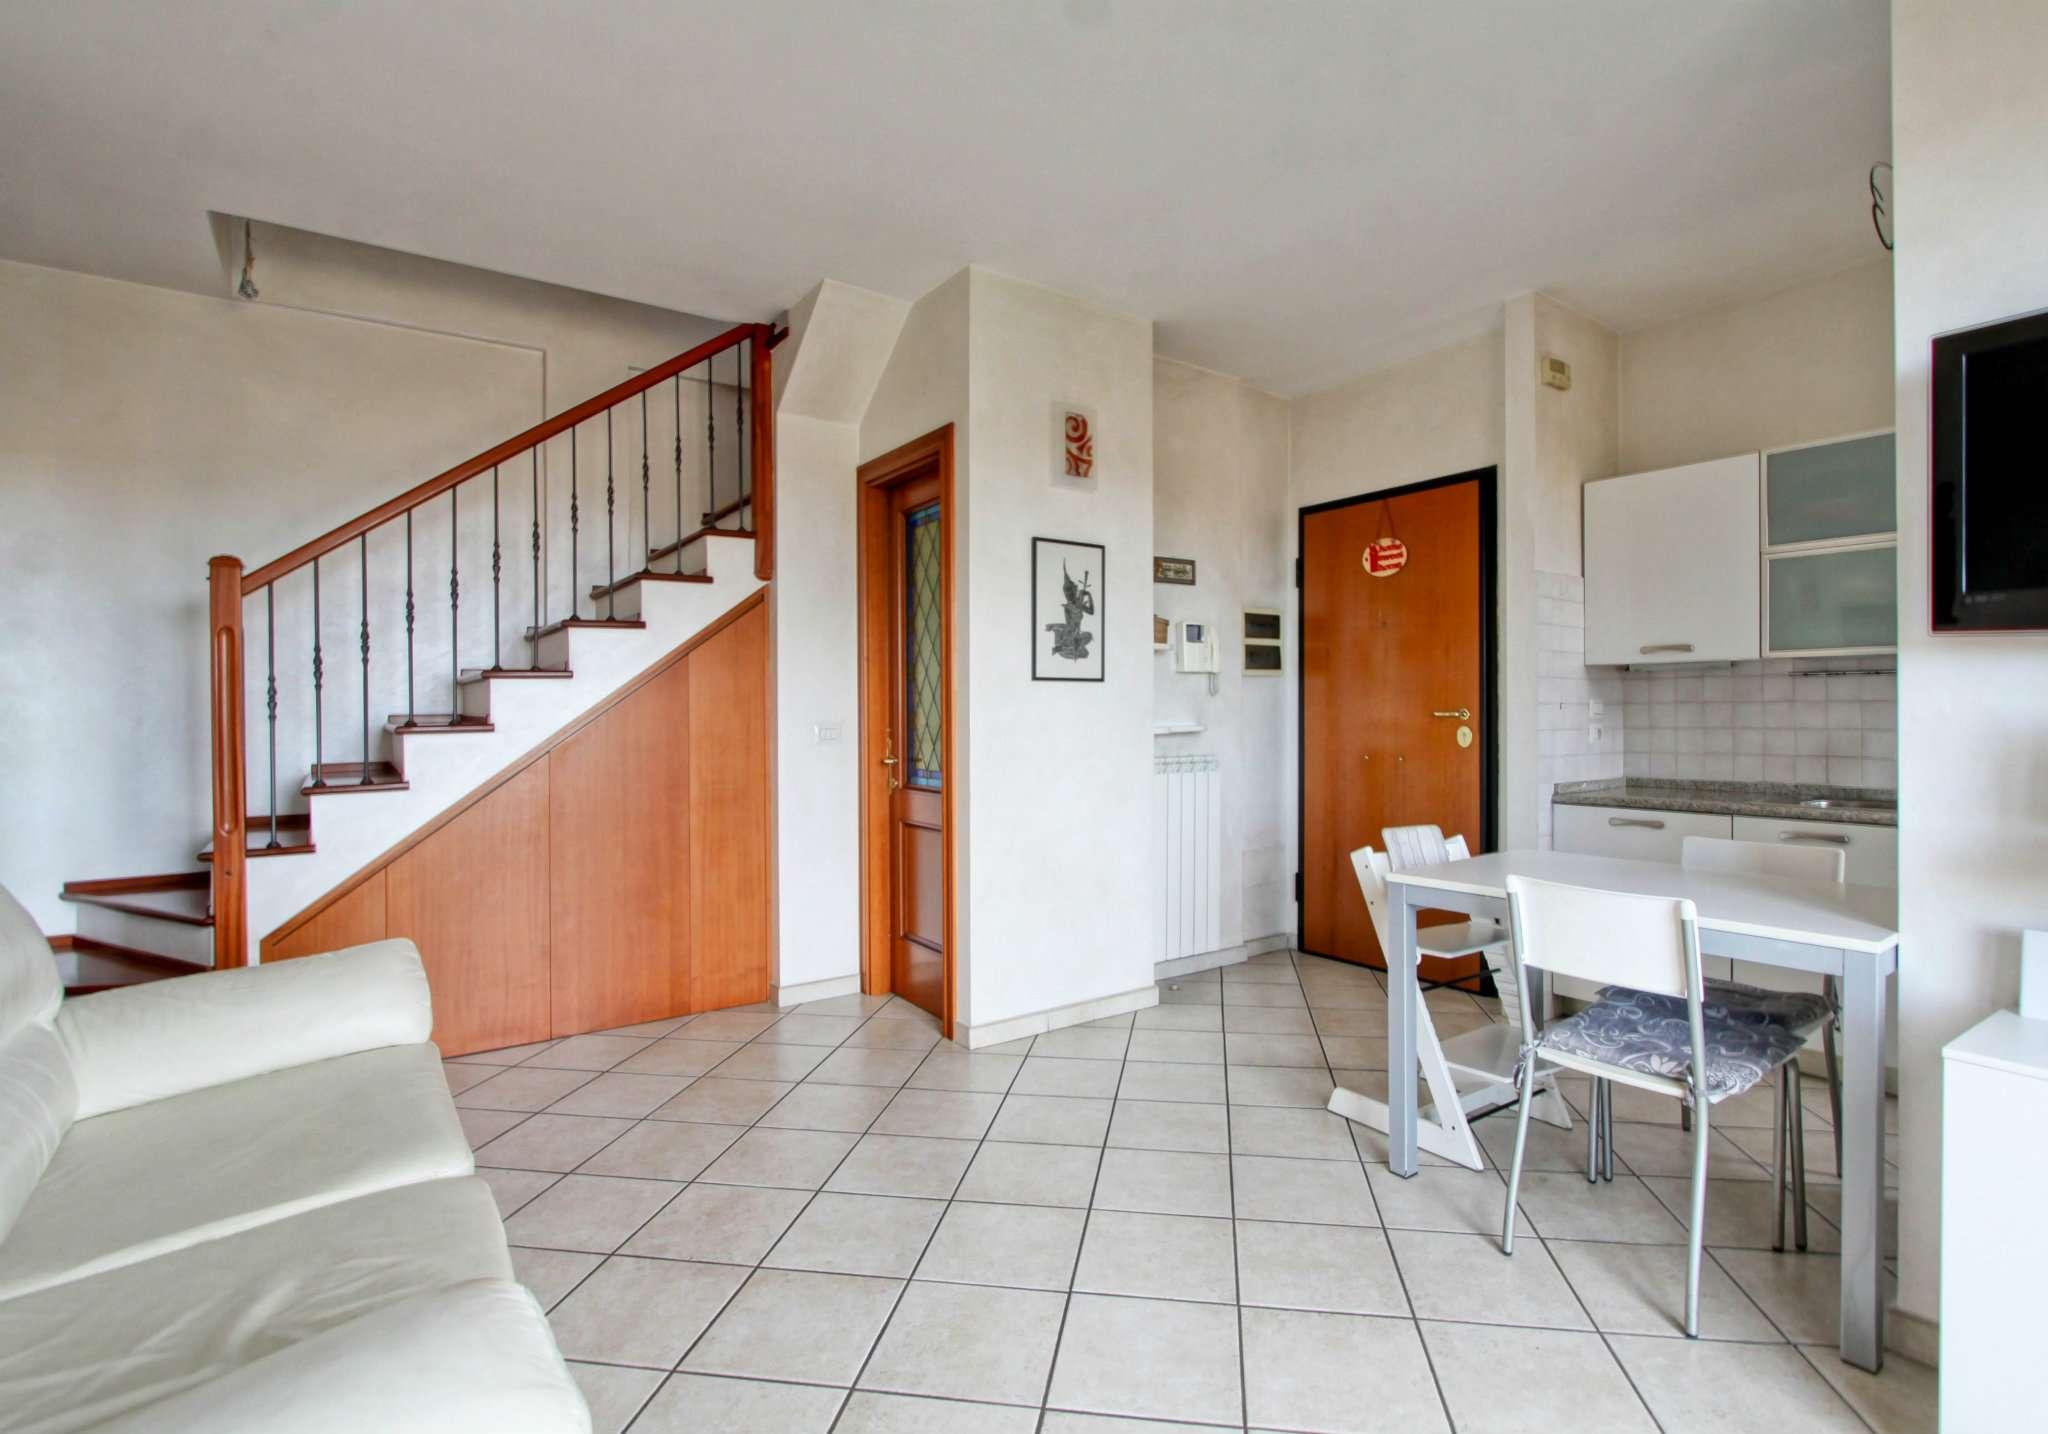 Appartamento in vendita a Ciampino, 3 locali, prezzo € 224.000 | PortaleAgenzieImmobiliari.it